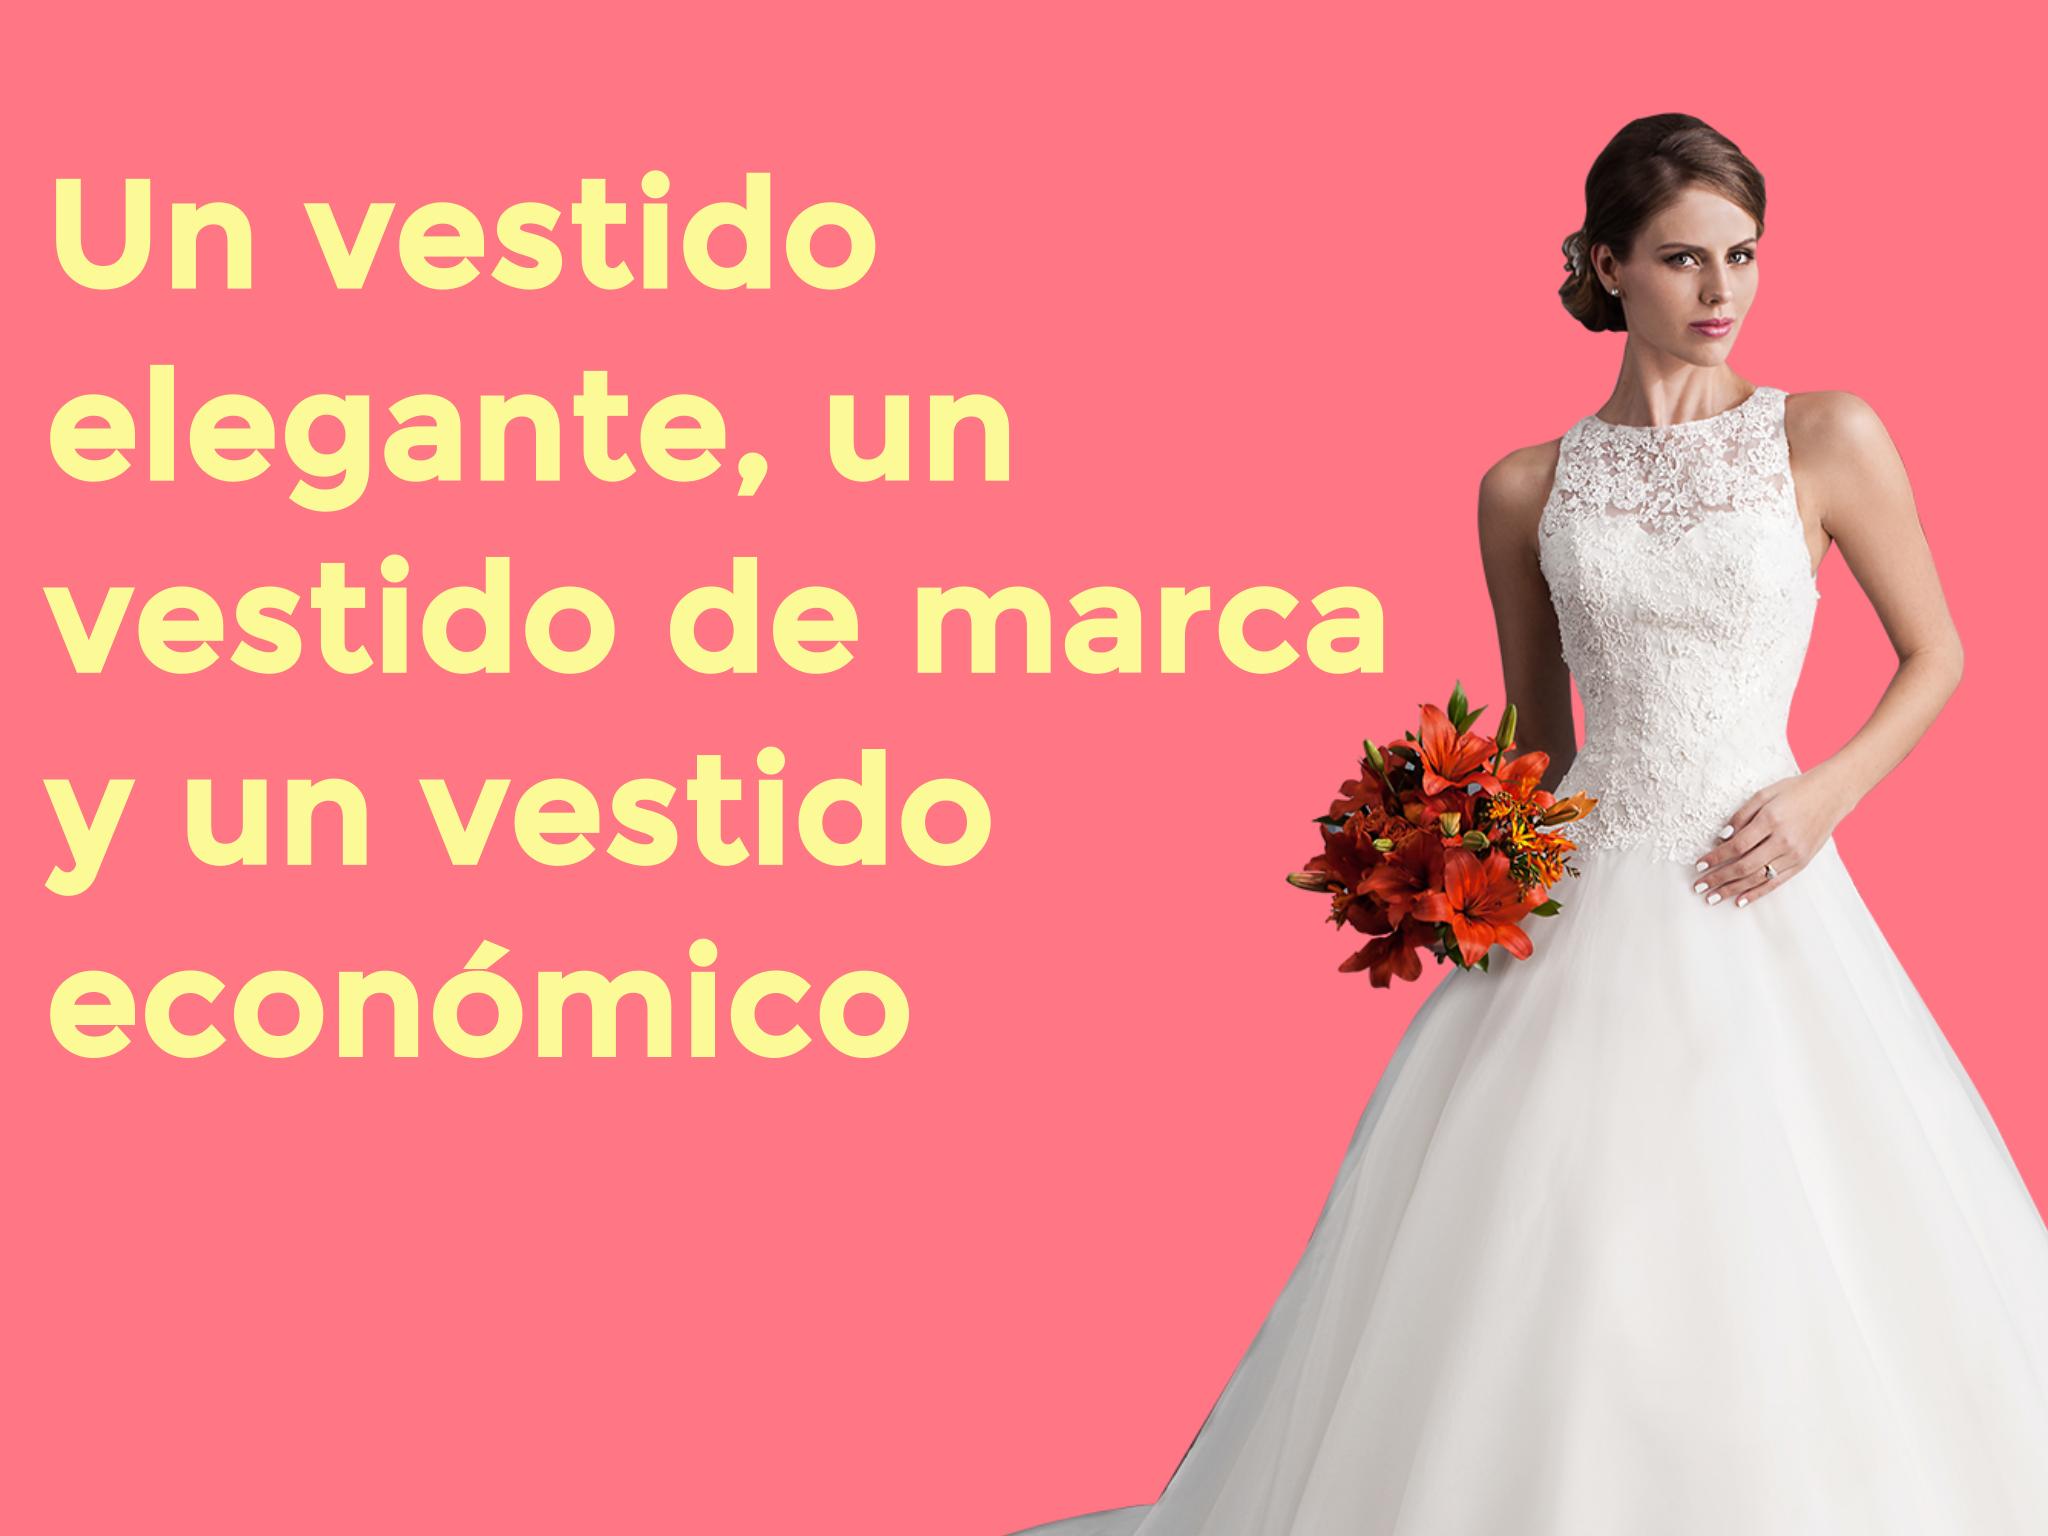 Un vestido elegante, un vestido de marca y un vestido económico